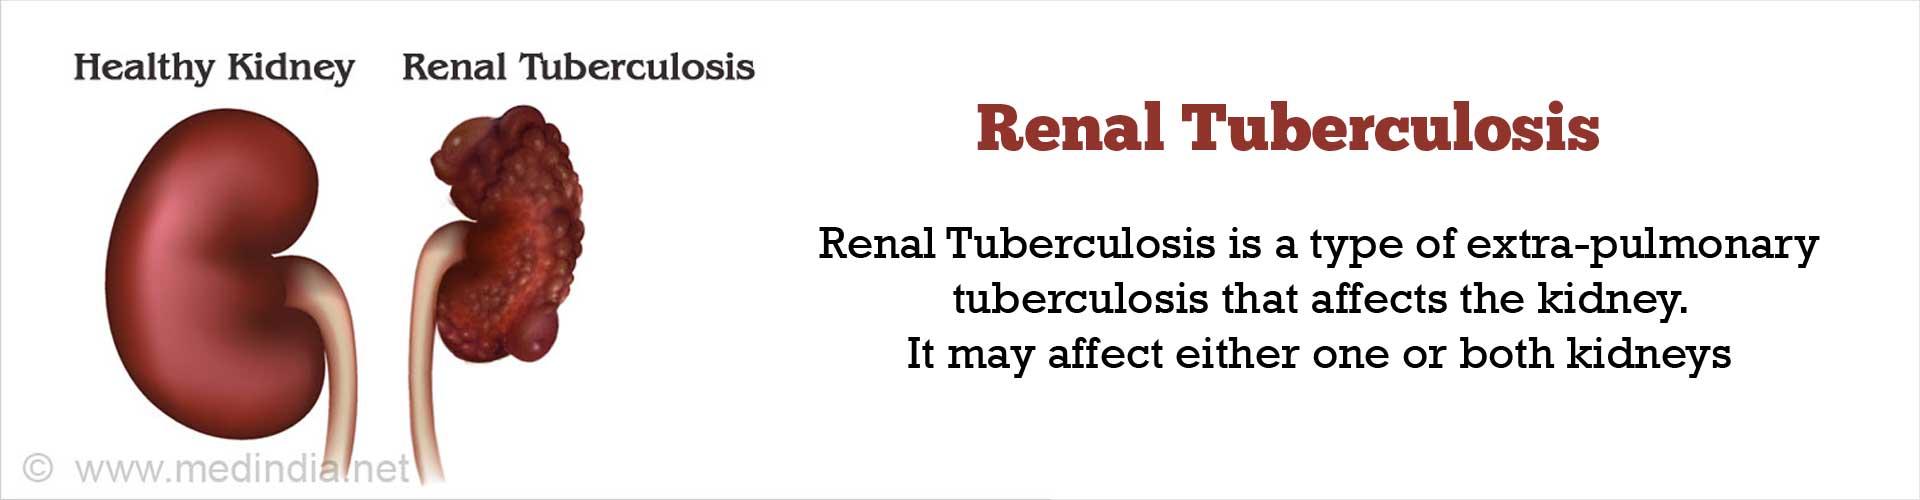 Renal Tuberculosis